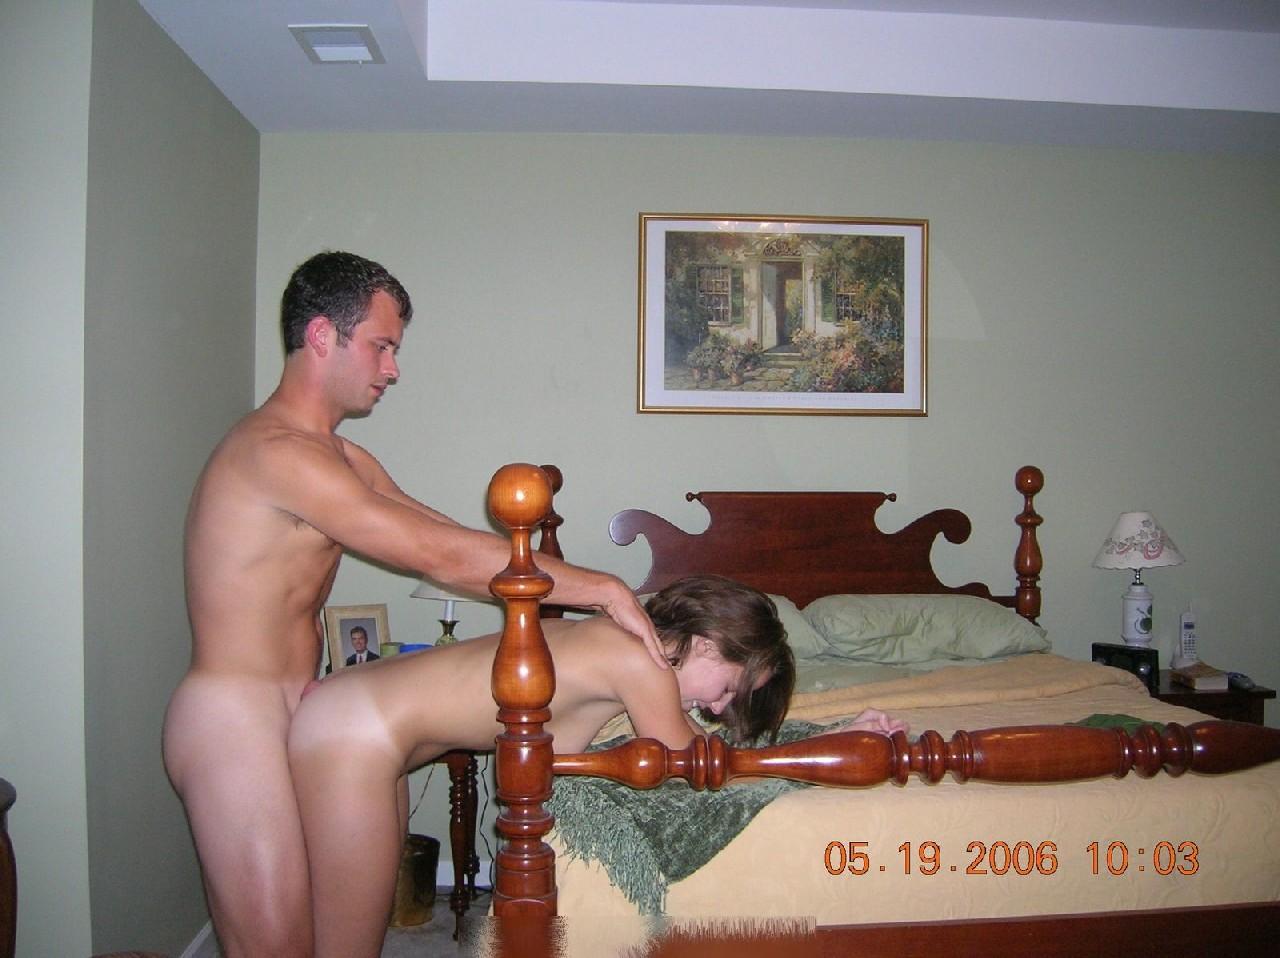 Парочка решила побаловать себя на праздники эротическими снимками